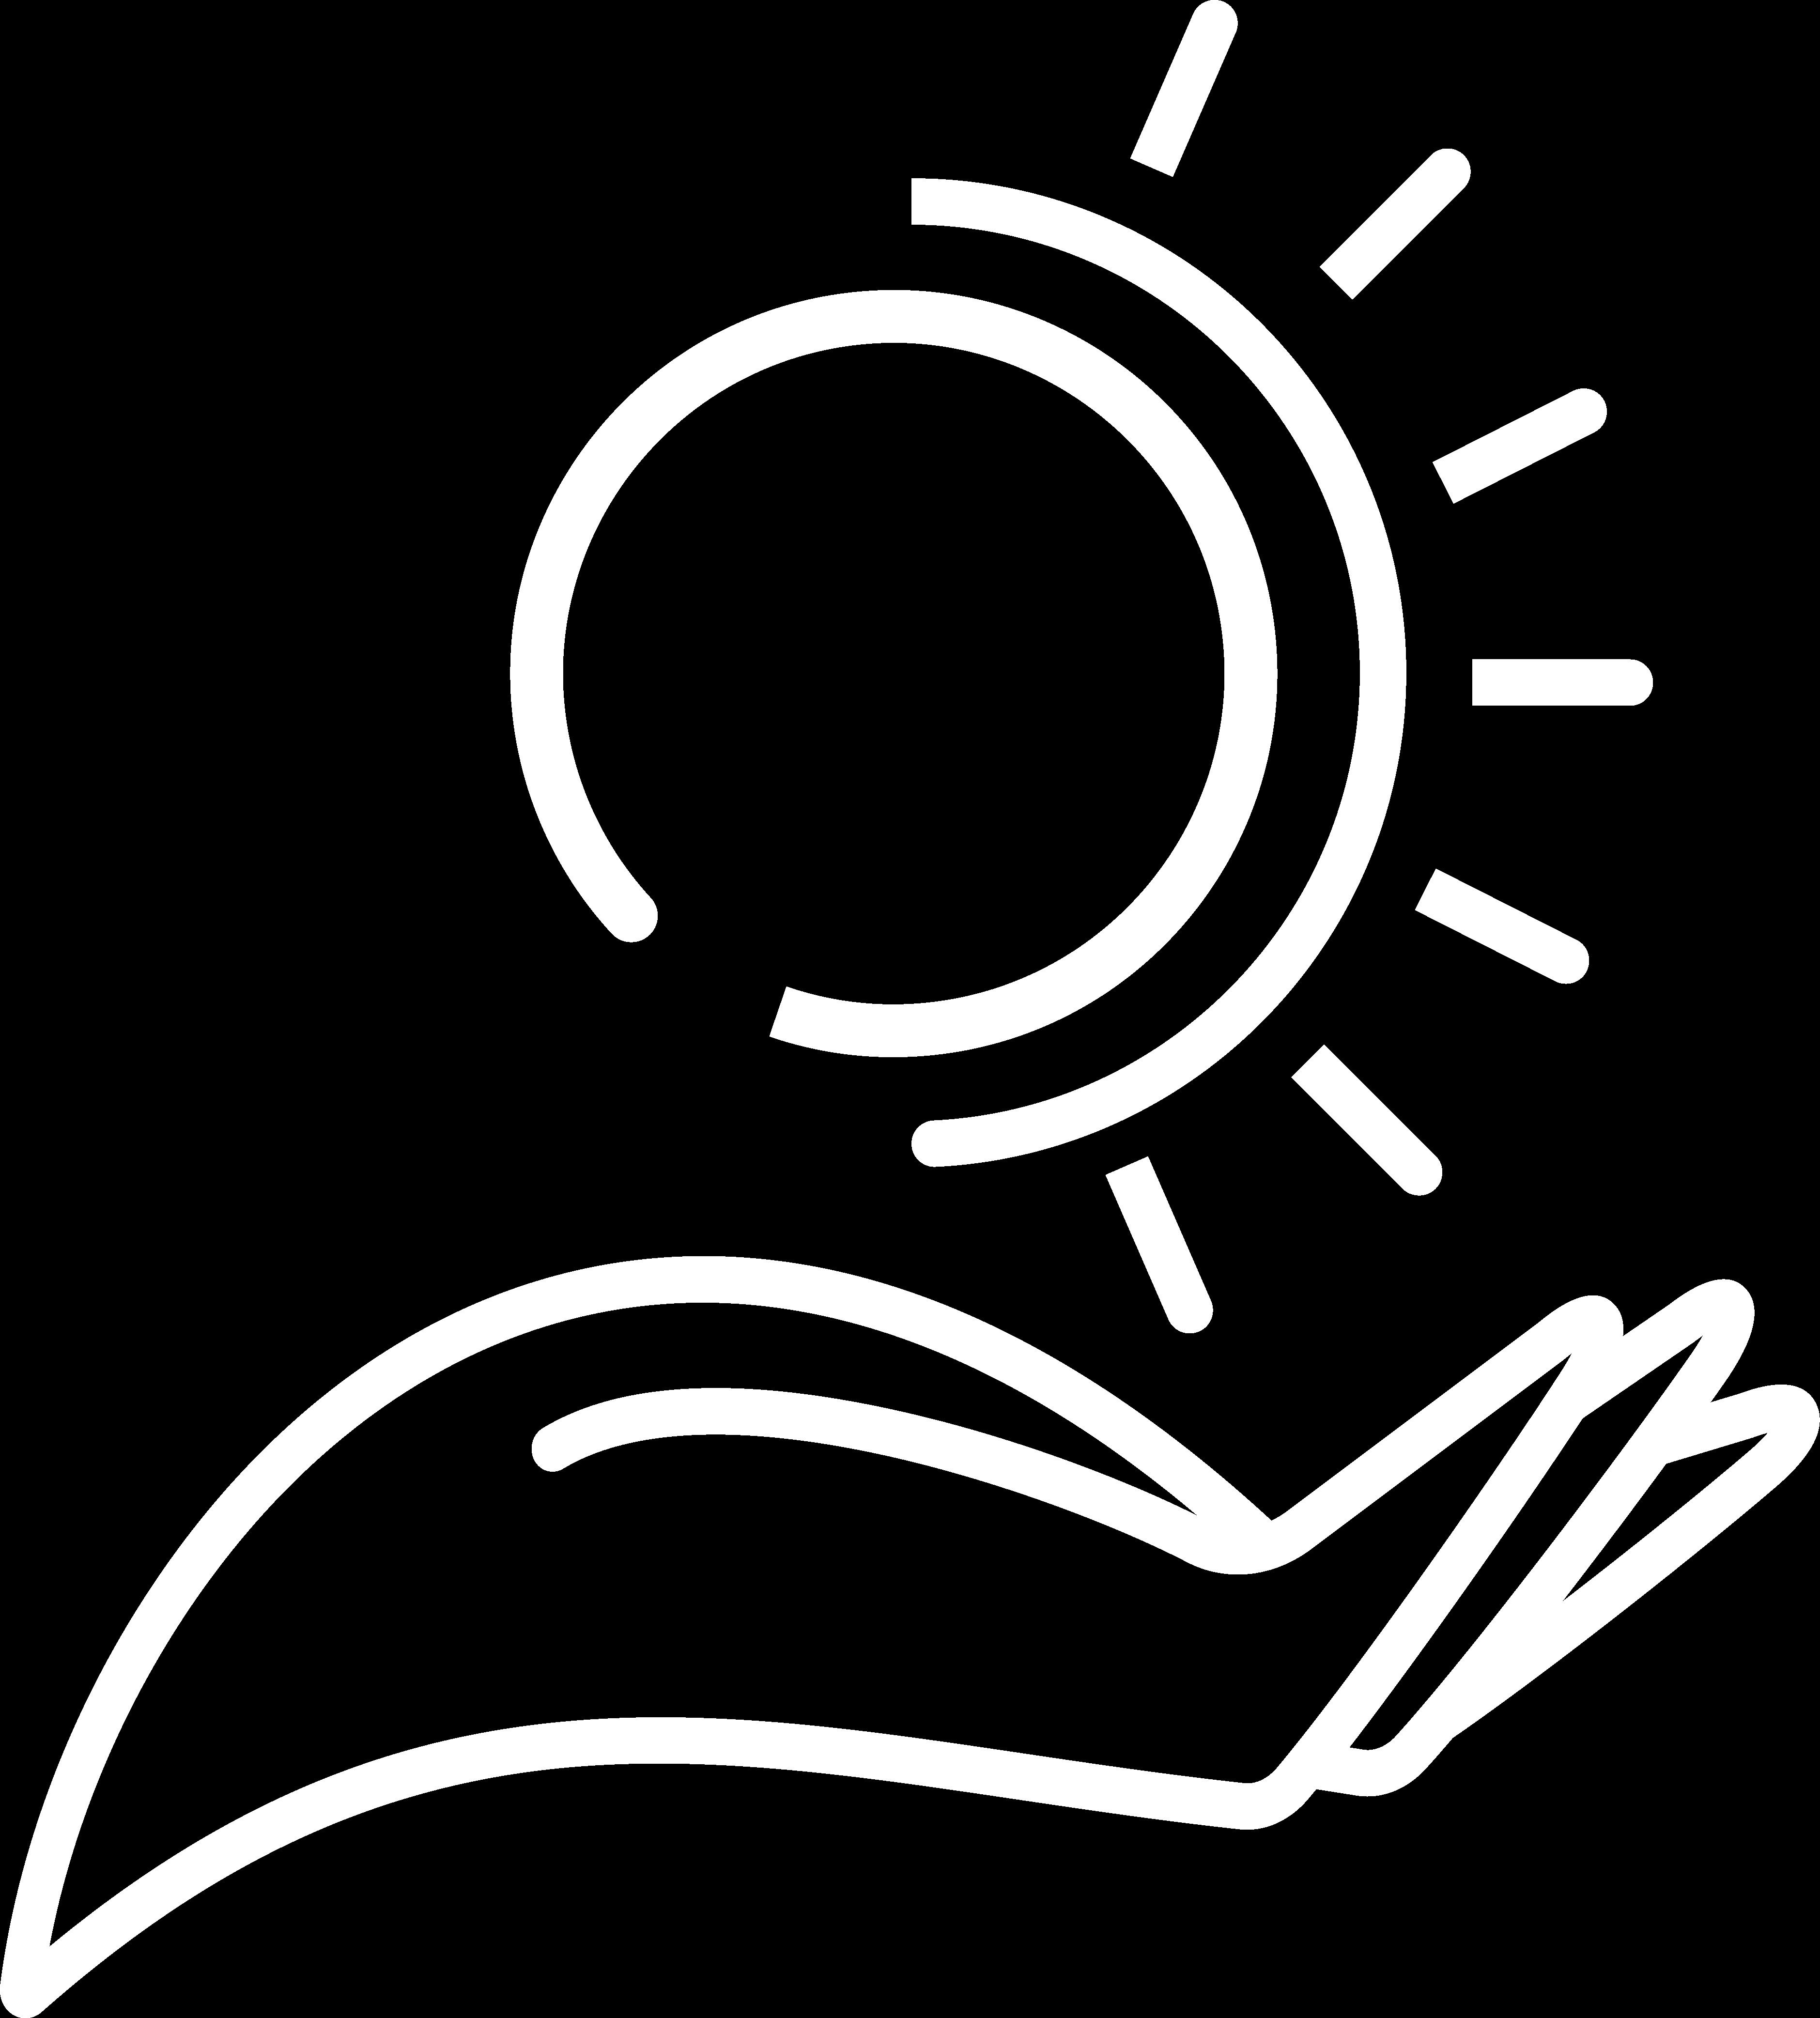 Rosanne Lgd - Mouvement et alignement - Symbole